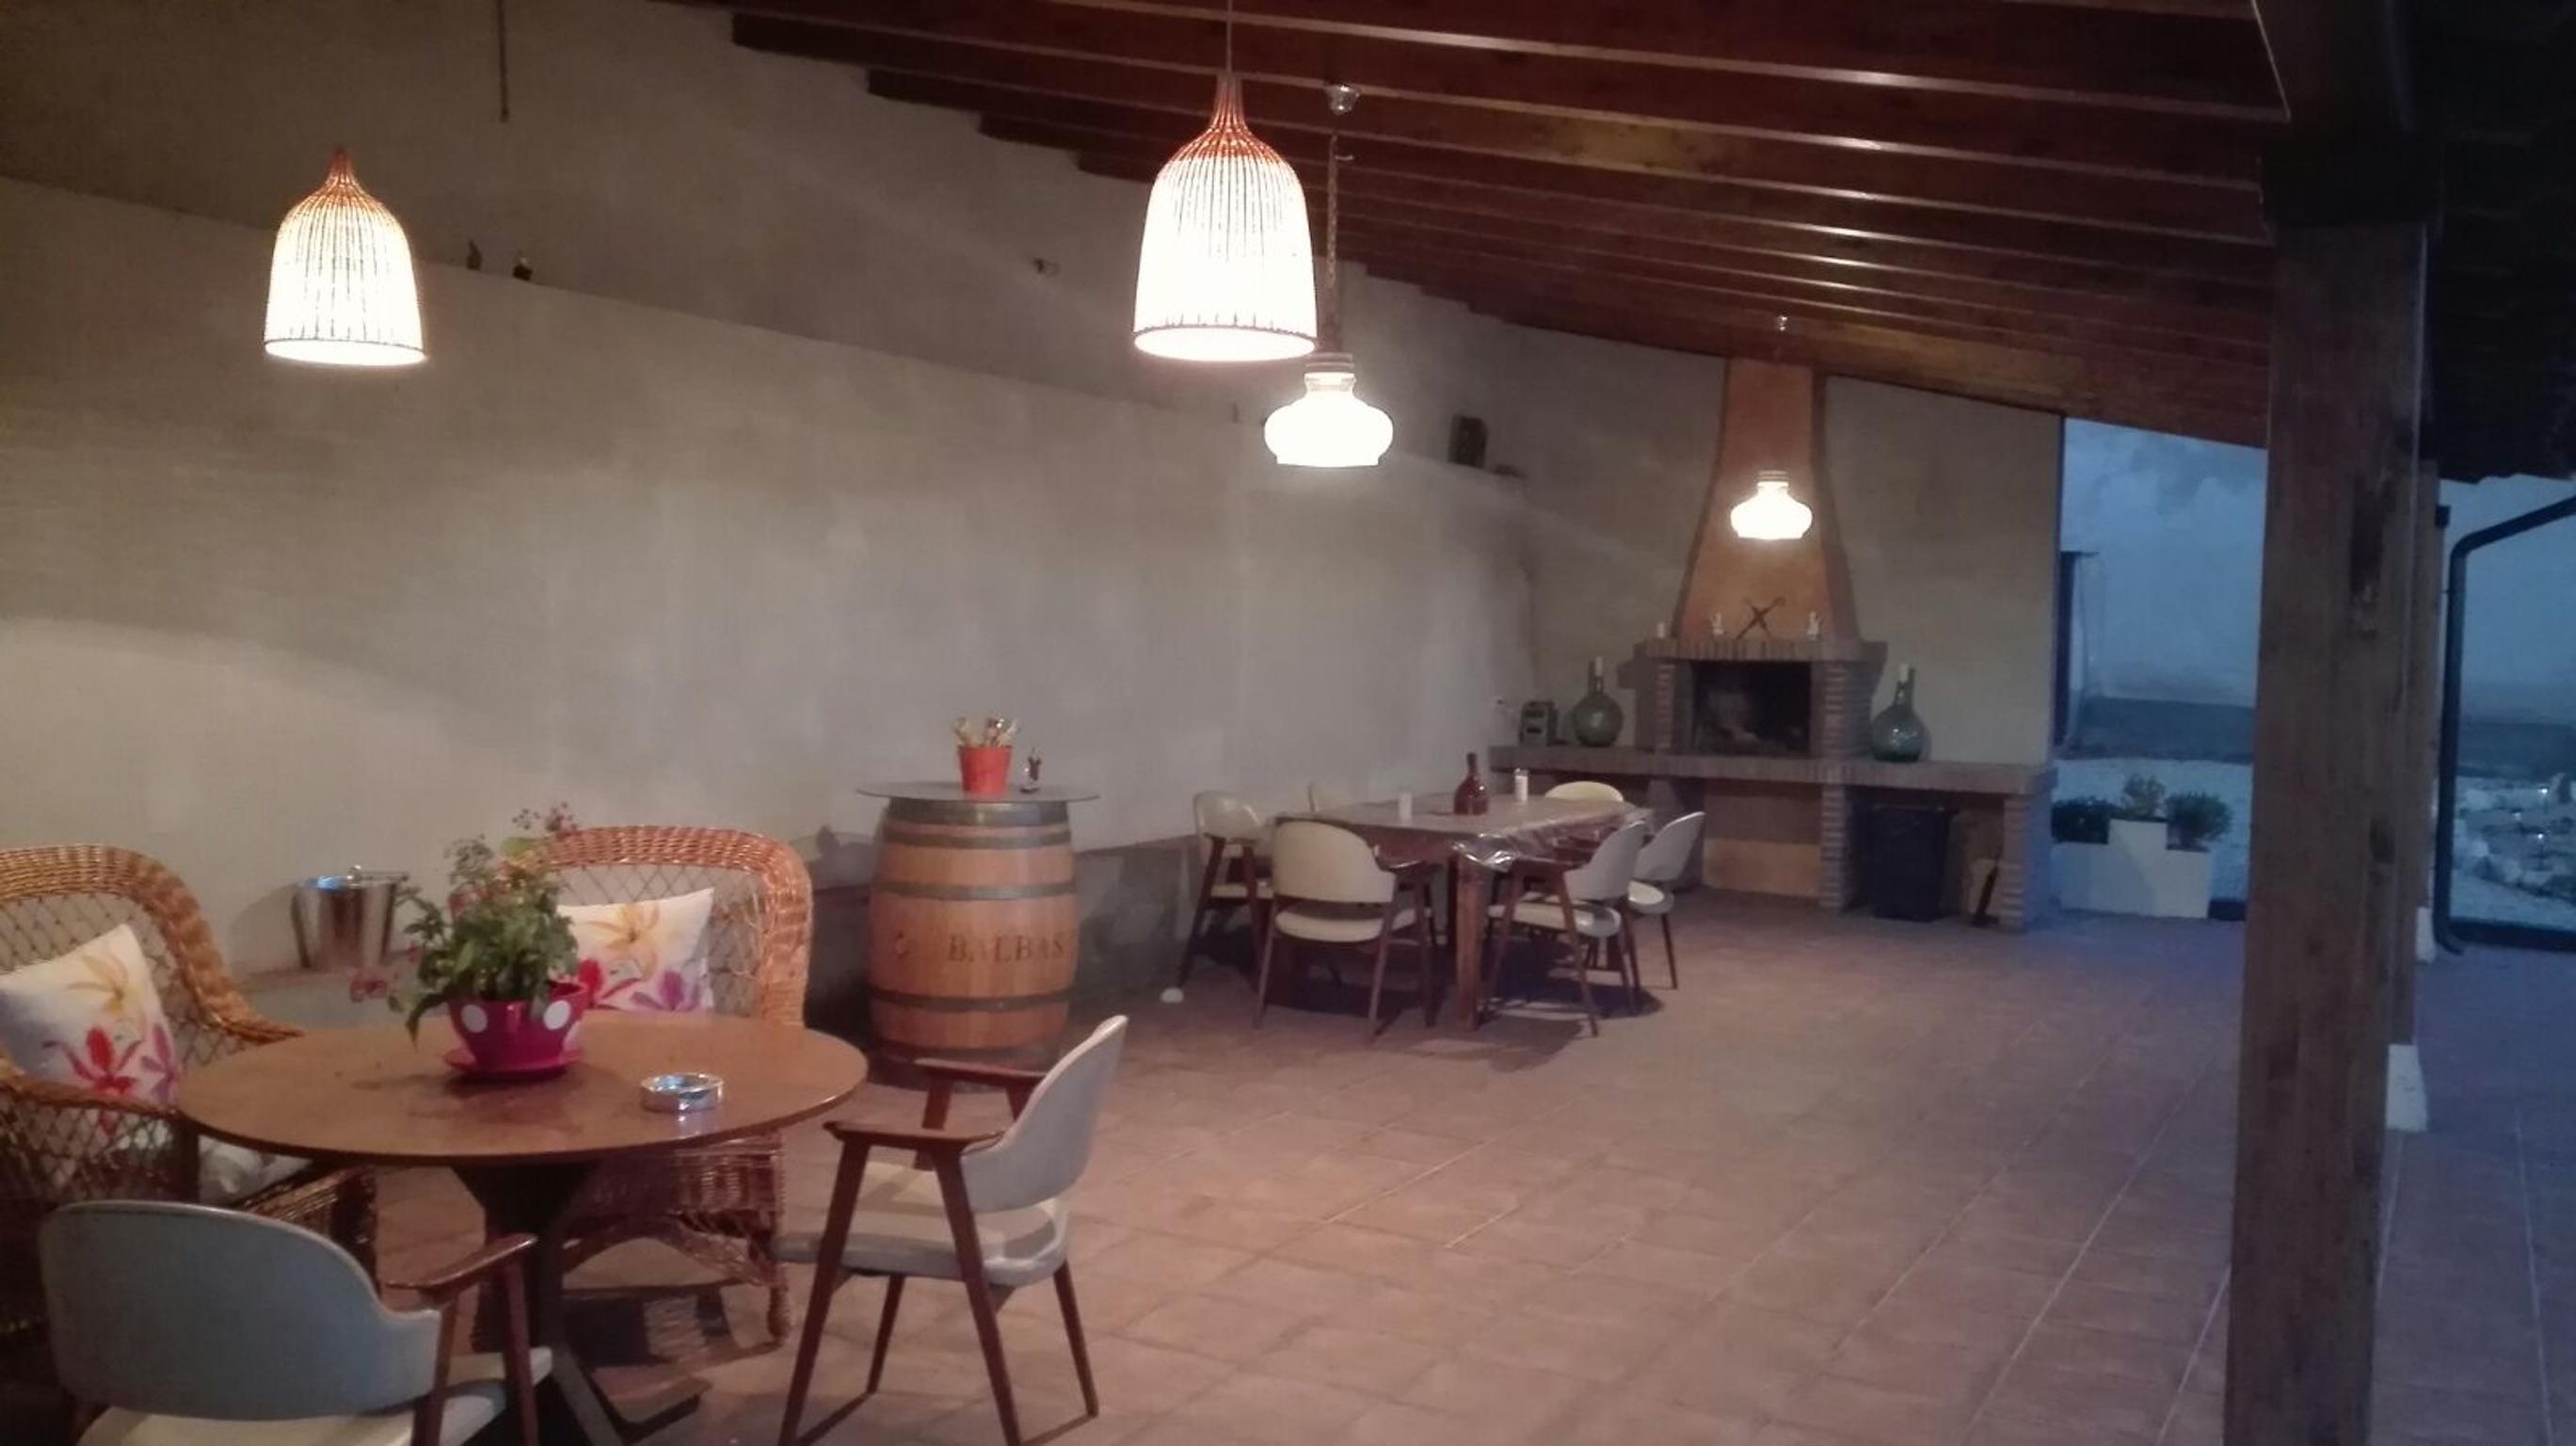 Ferienhaus Haus mit 3 Schlafzimmern in Peral de Arlanza mit eingezäuntem Garten (2201640), Peral de Arlanza, Palencia, Kastilien-León, Spanien, Bild 3